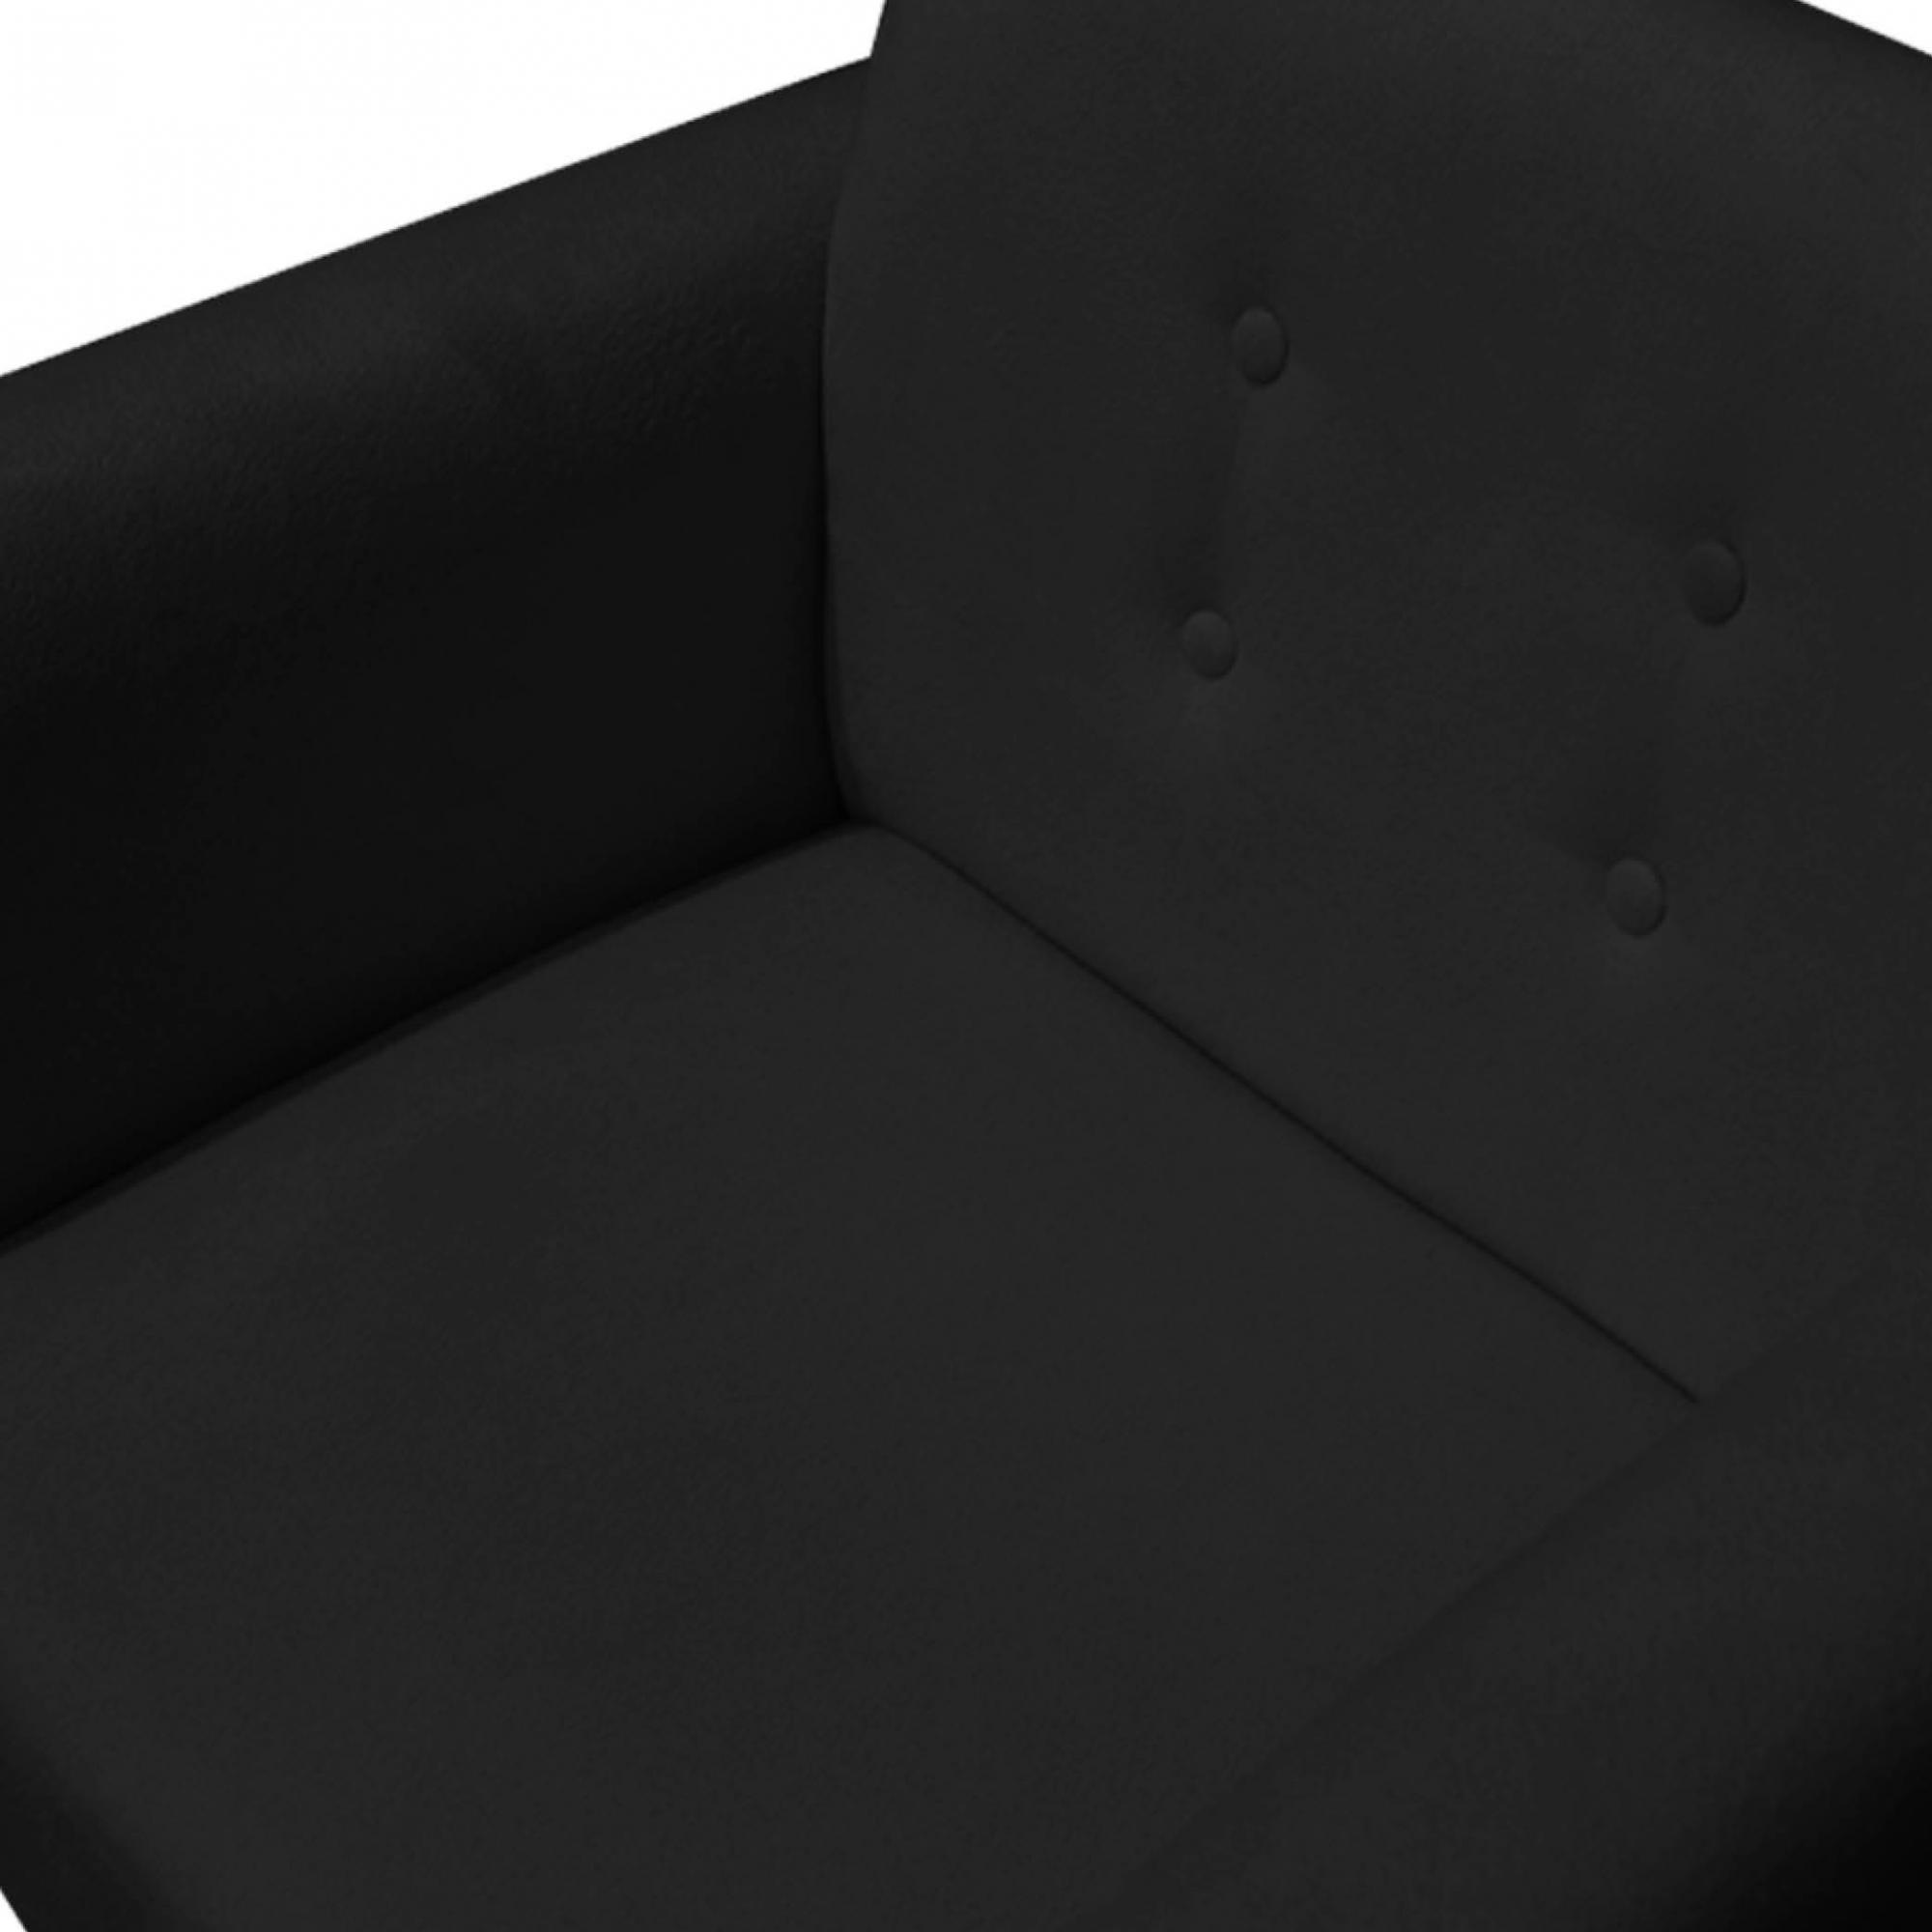 Kit 4 Poltrona Duda Decoraçâo Pé Palito Cadeira Recepção Escritório Clinica D'Classe Decor Suede Preto